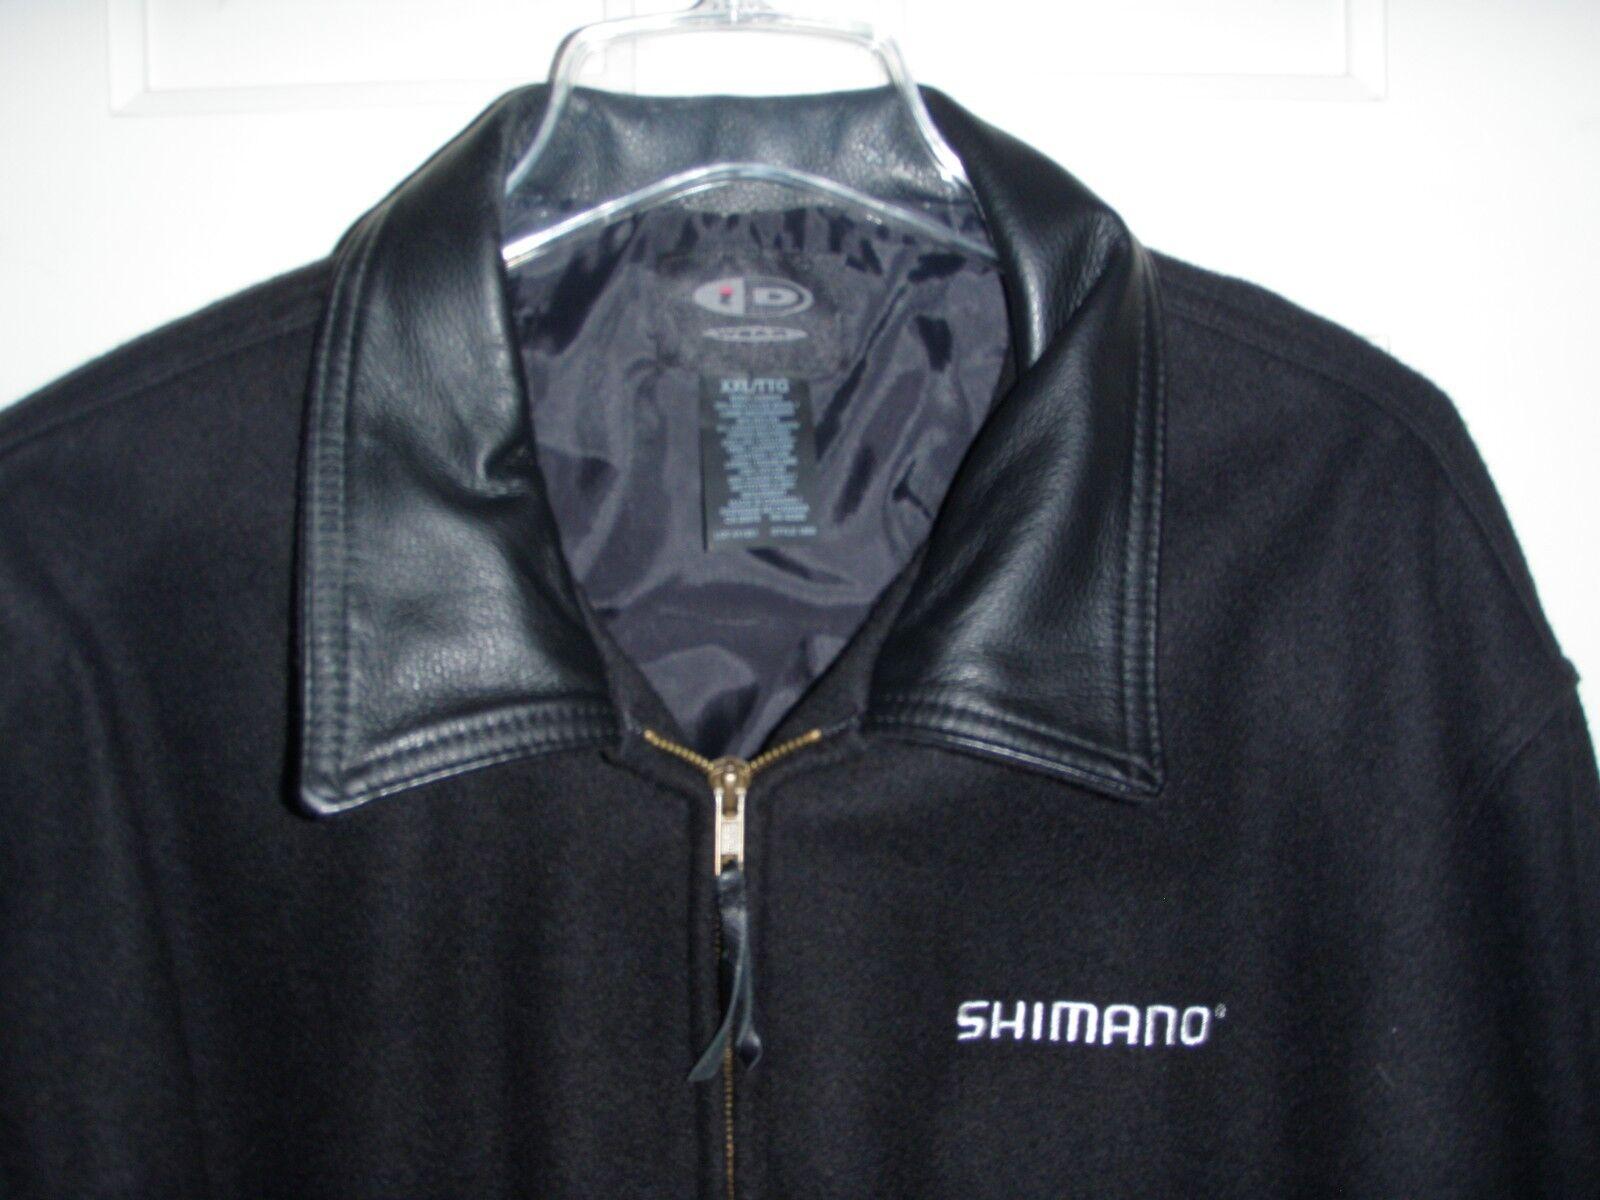 Shimano Vintage Sport Pesca Chaqueta de  Lana Cuero XXL Nuevo  el más barato